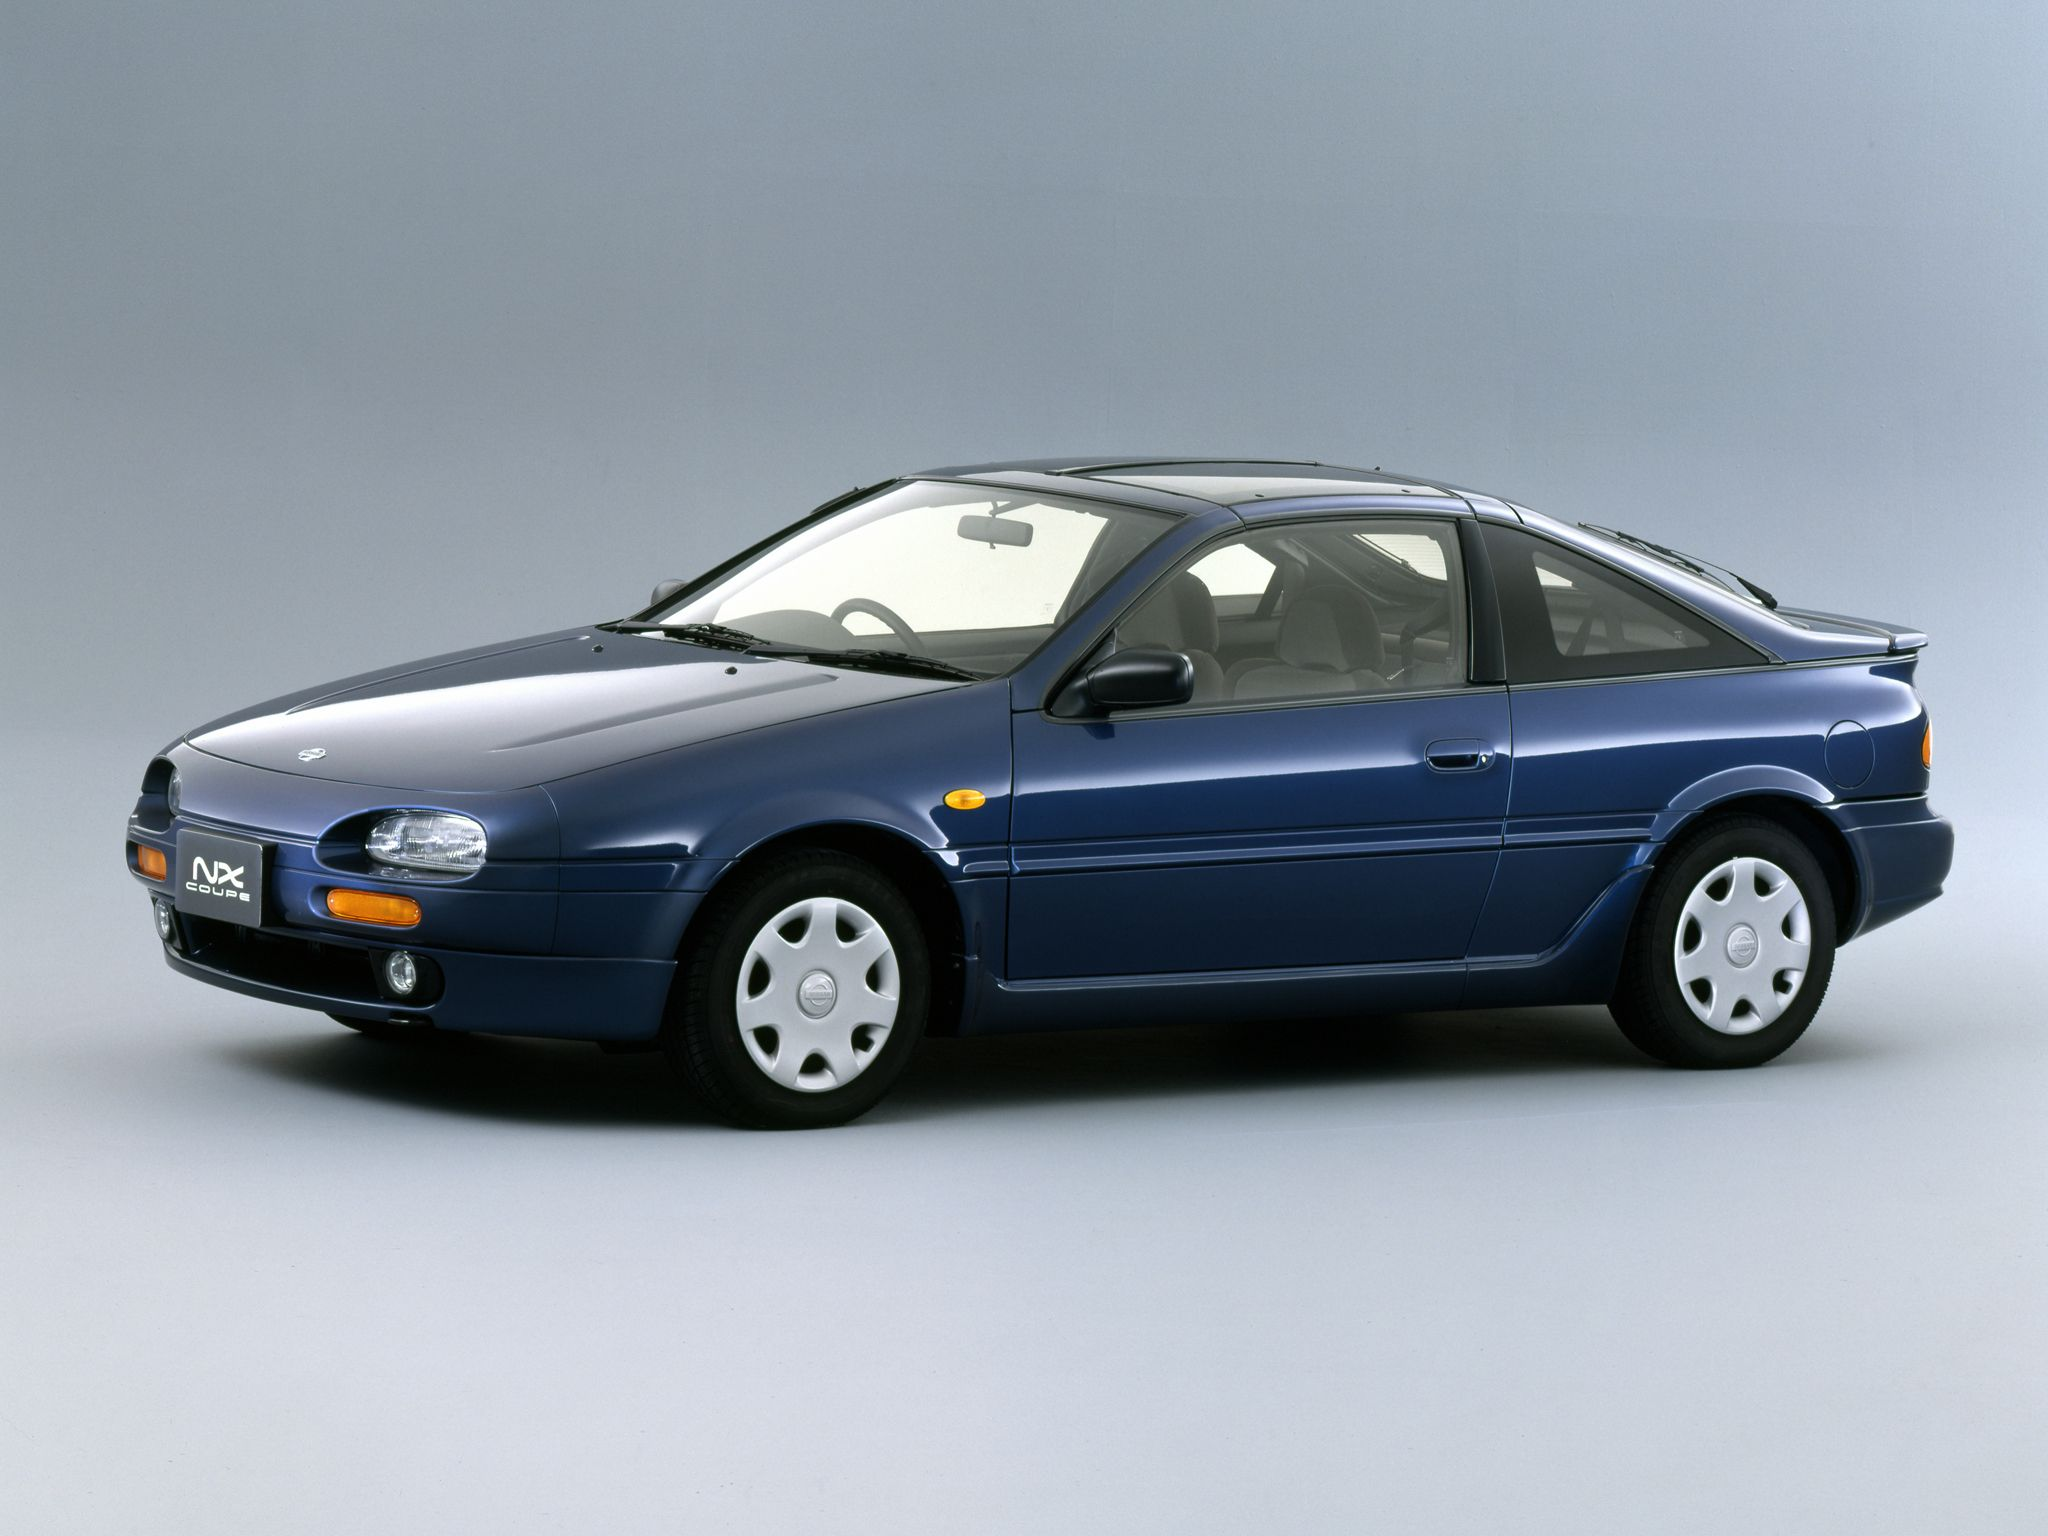 1990-96 Nissan NX Coupe (B13)